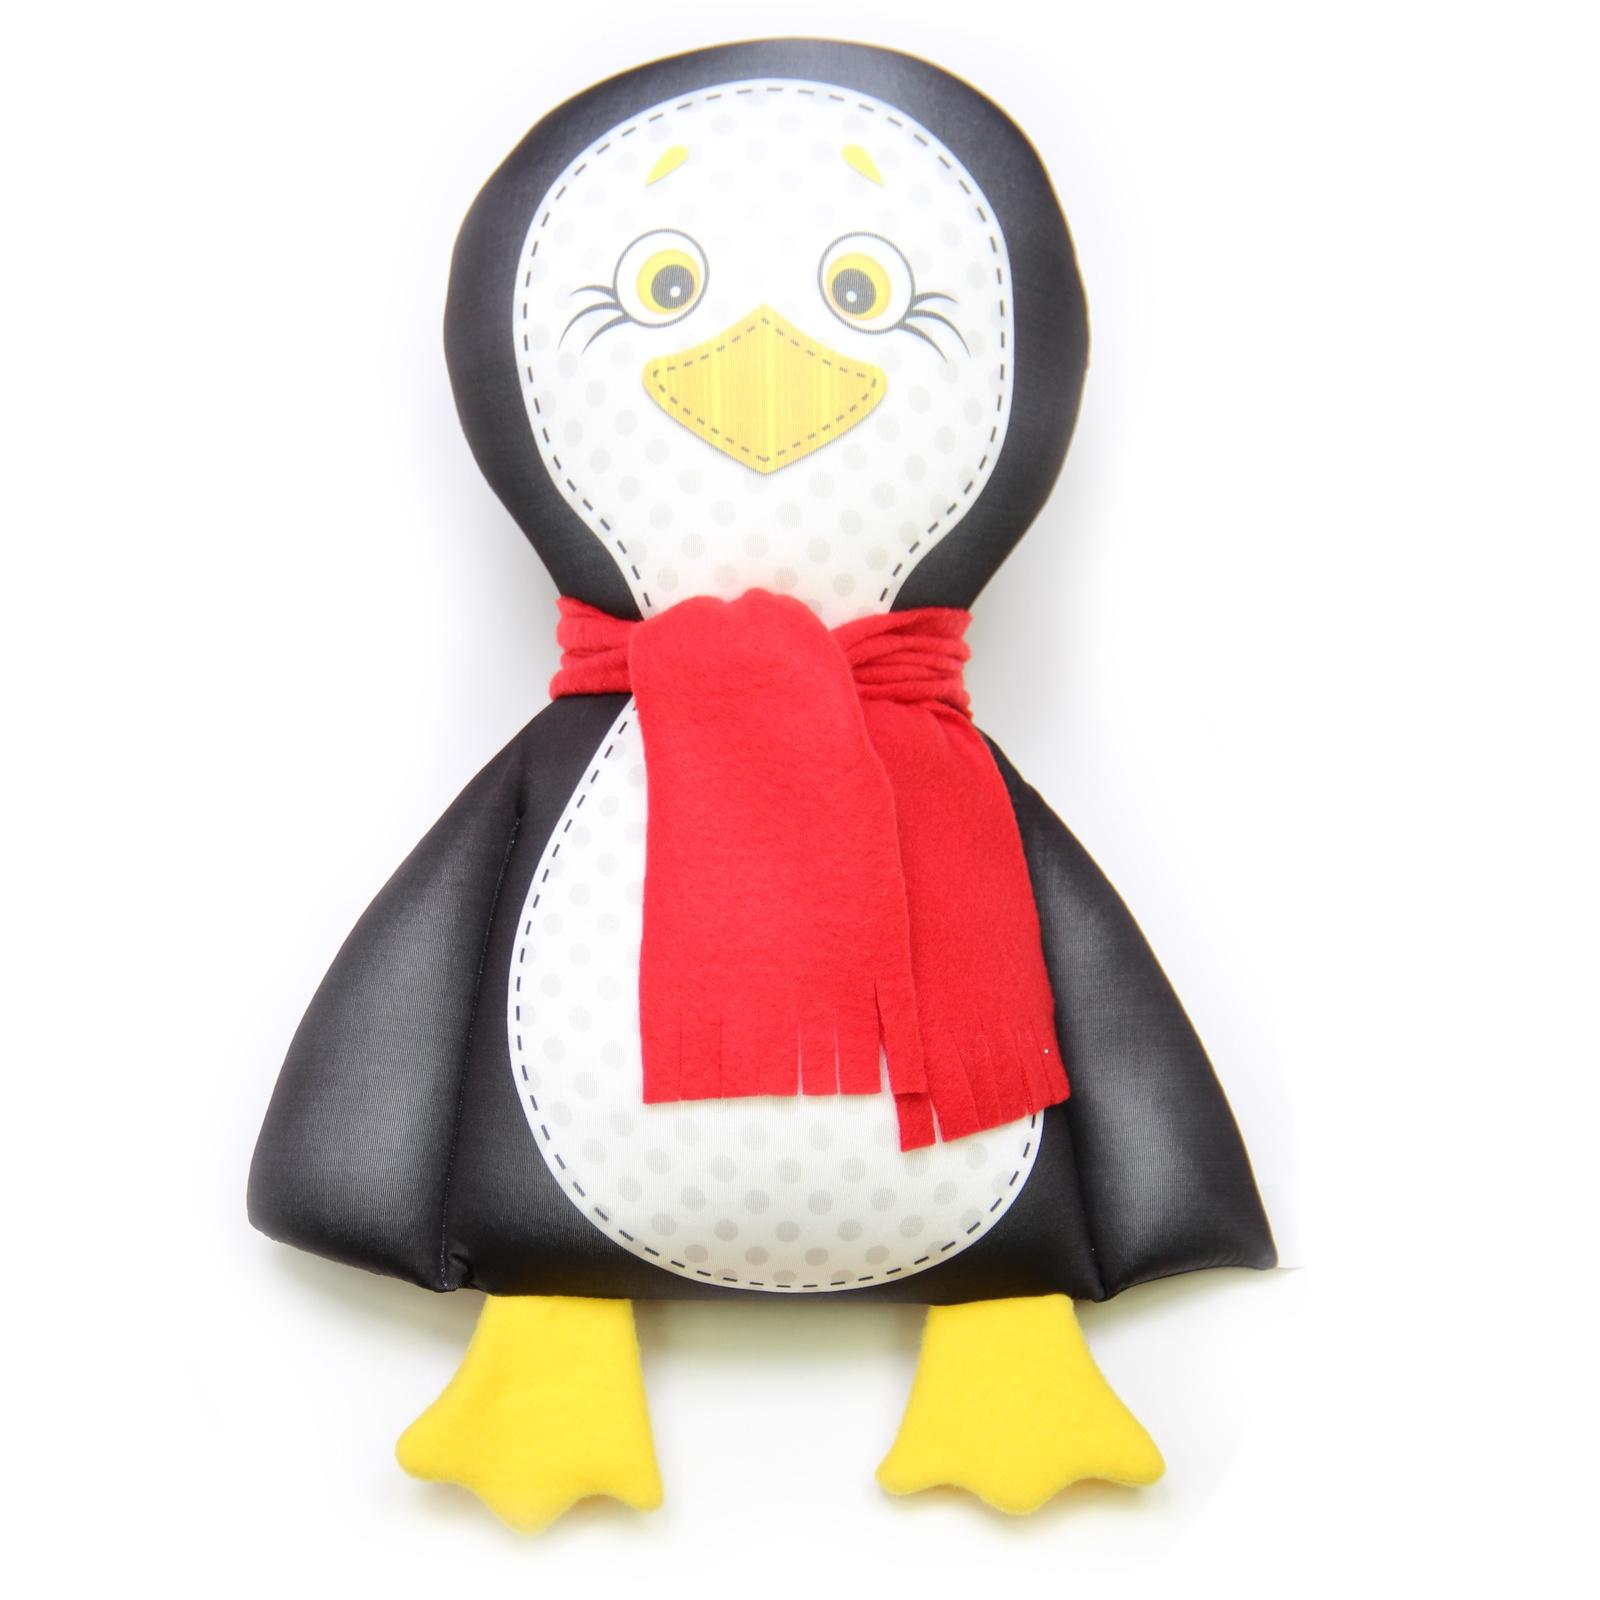 Штучки, к которым тянутся ручки Игрушка для ванной Смелые пташки Птаха в очках игрушка для ванной штучки к которым тянутся ручки 14аси49ив 12